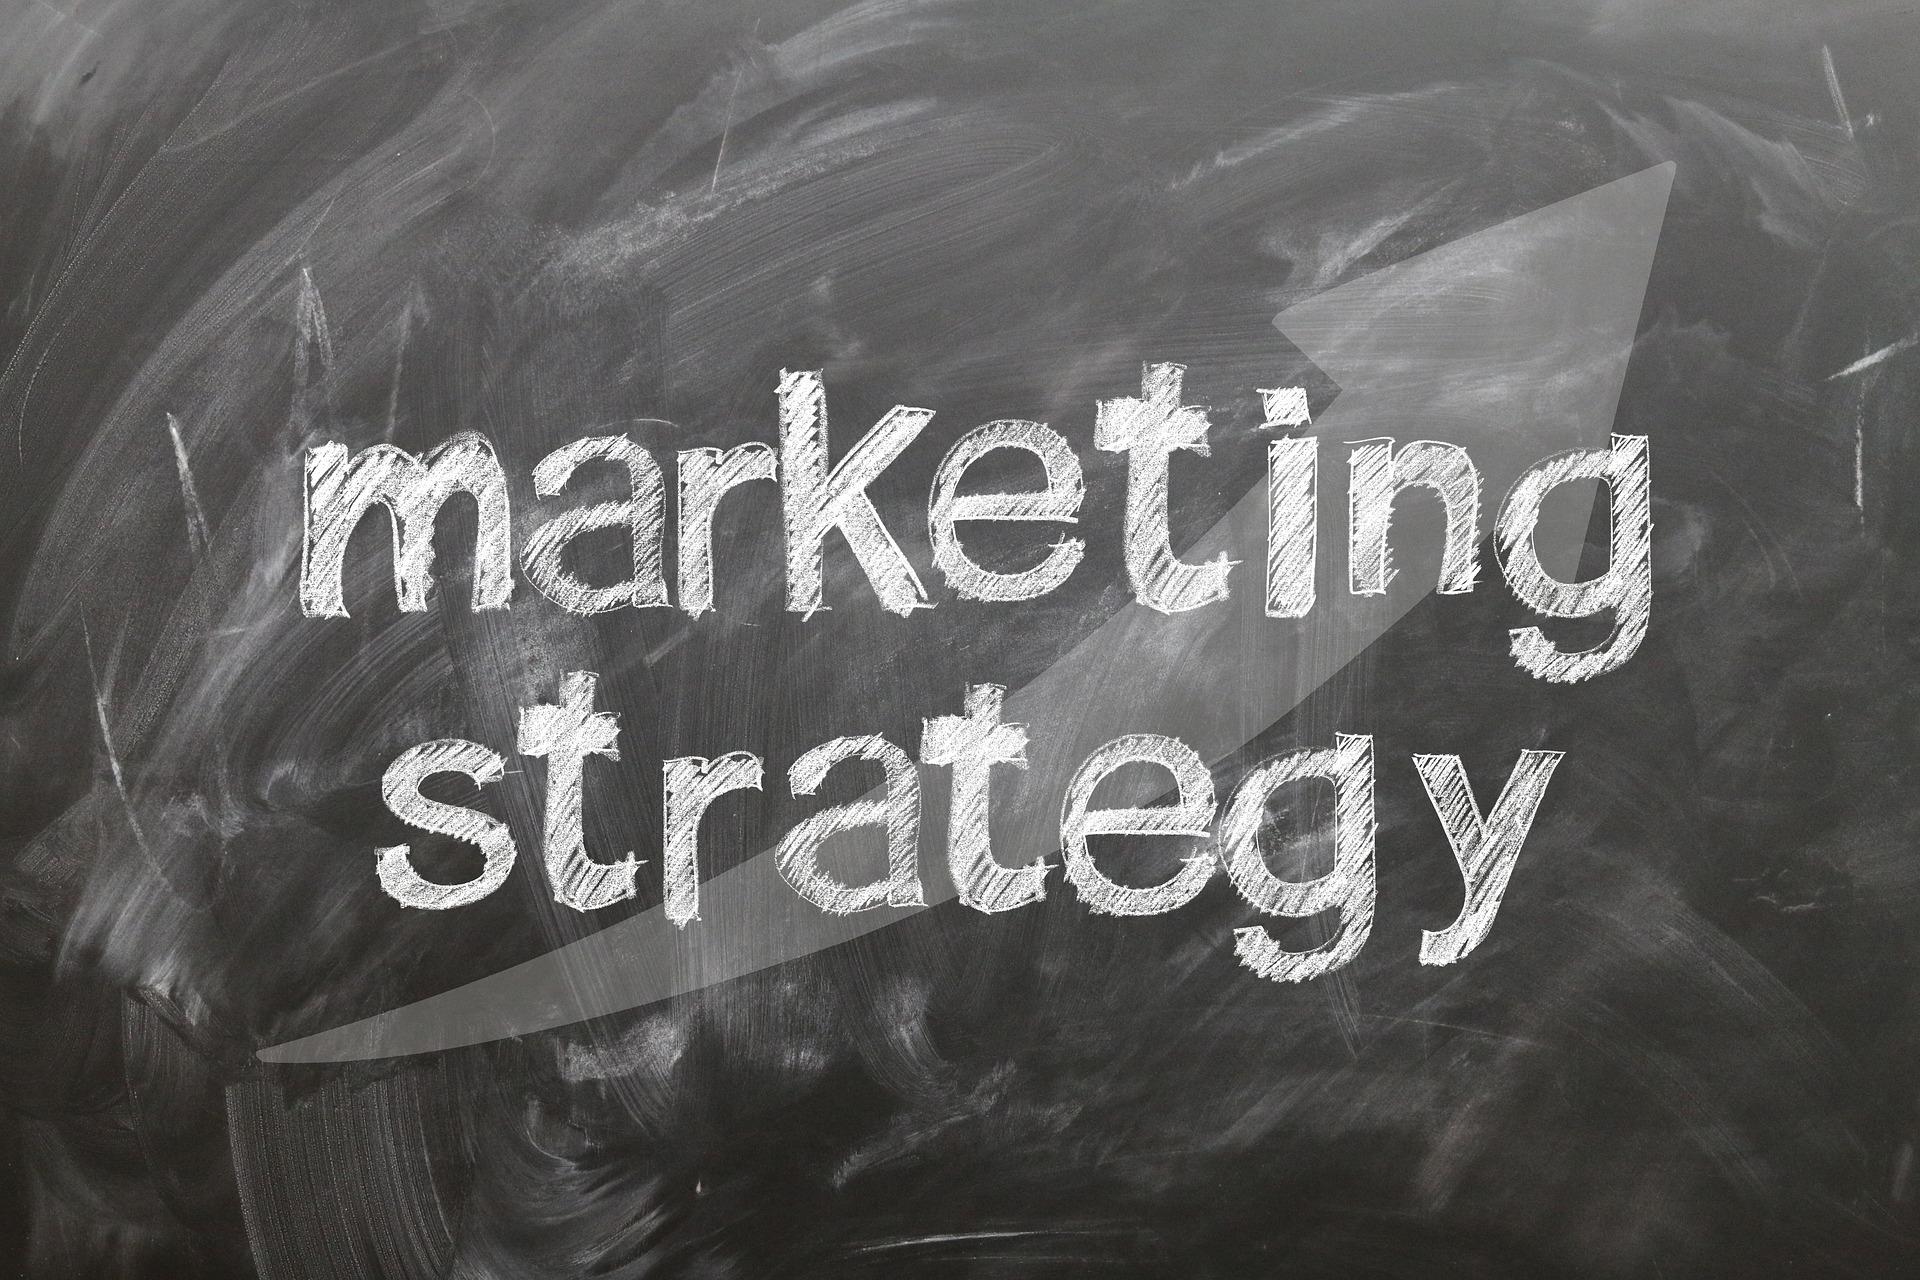 L'impatto delle recensioni sulla tua strategia di marketing